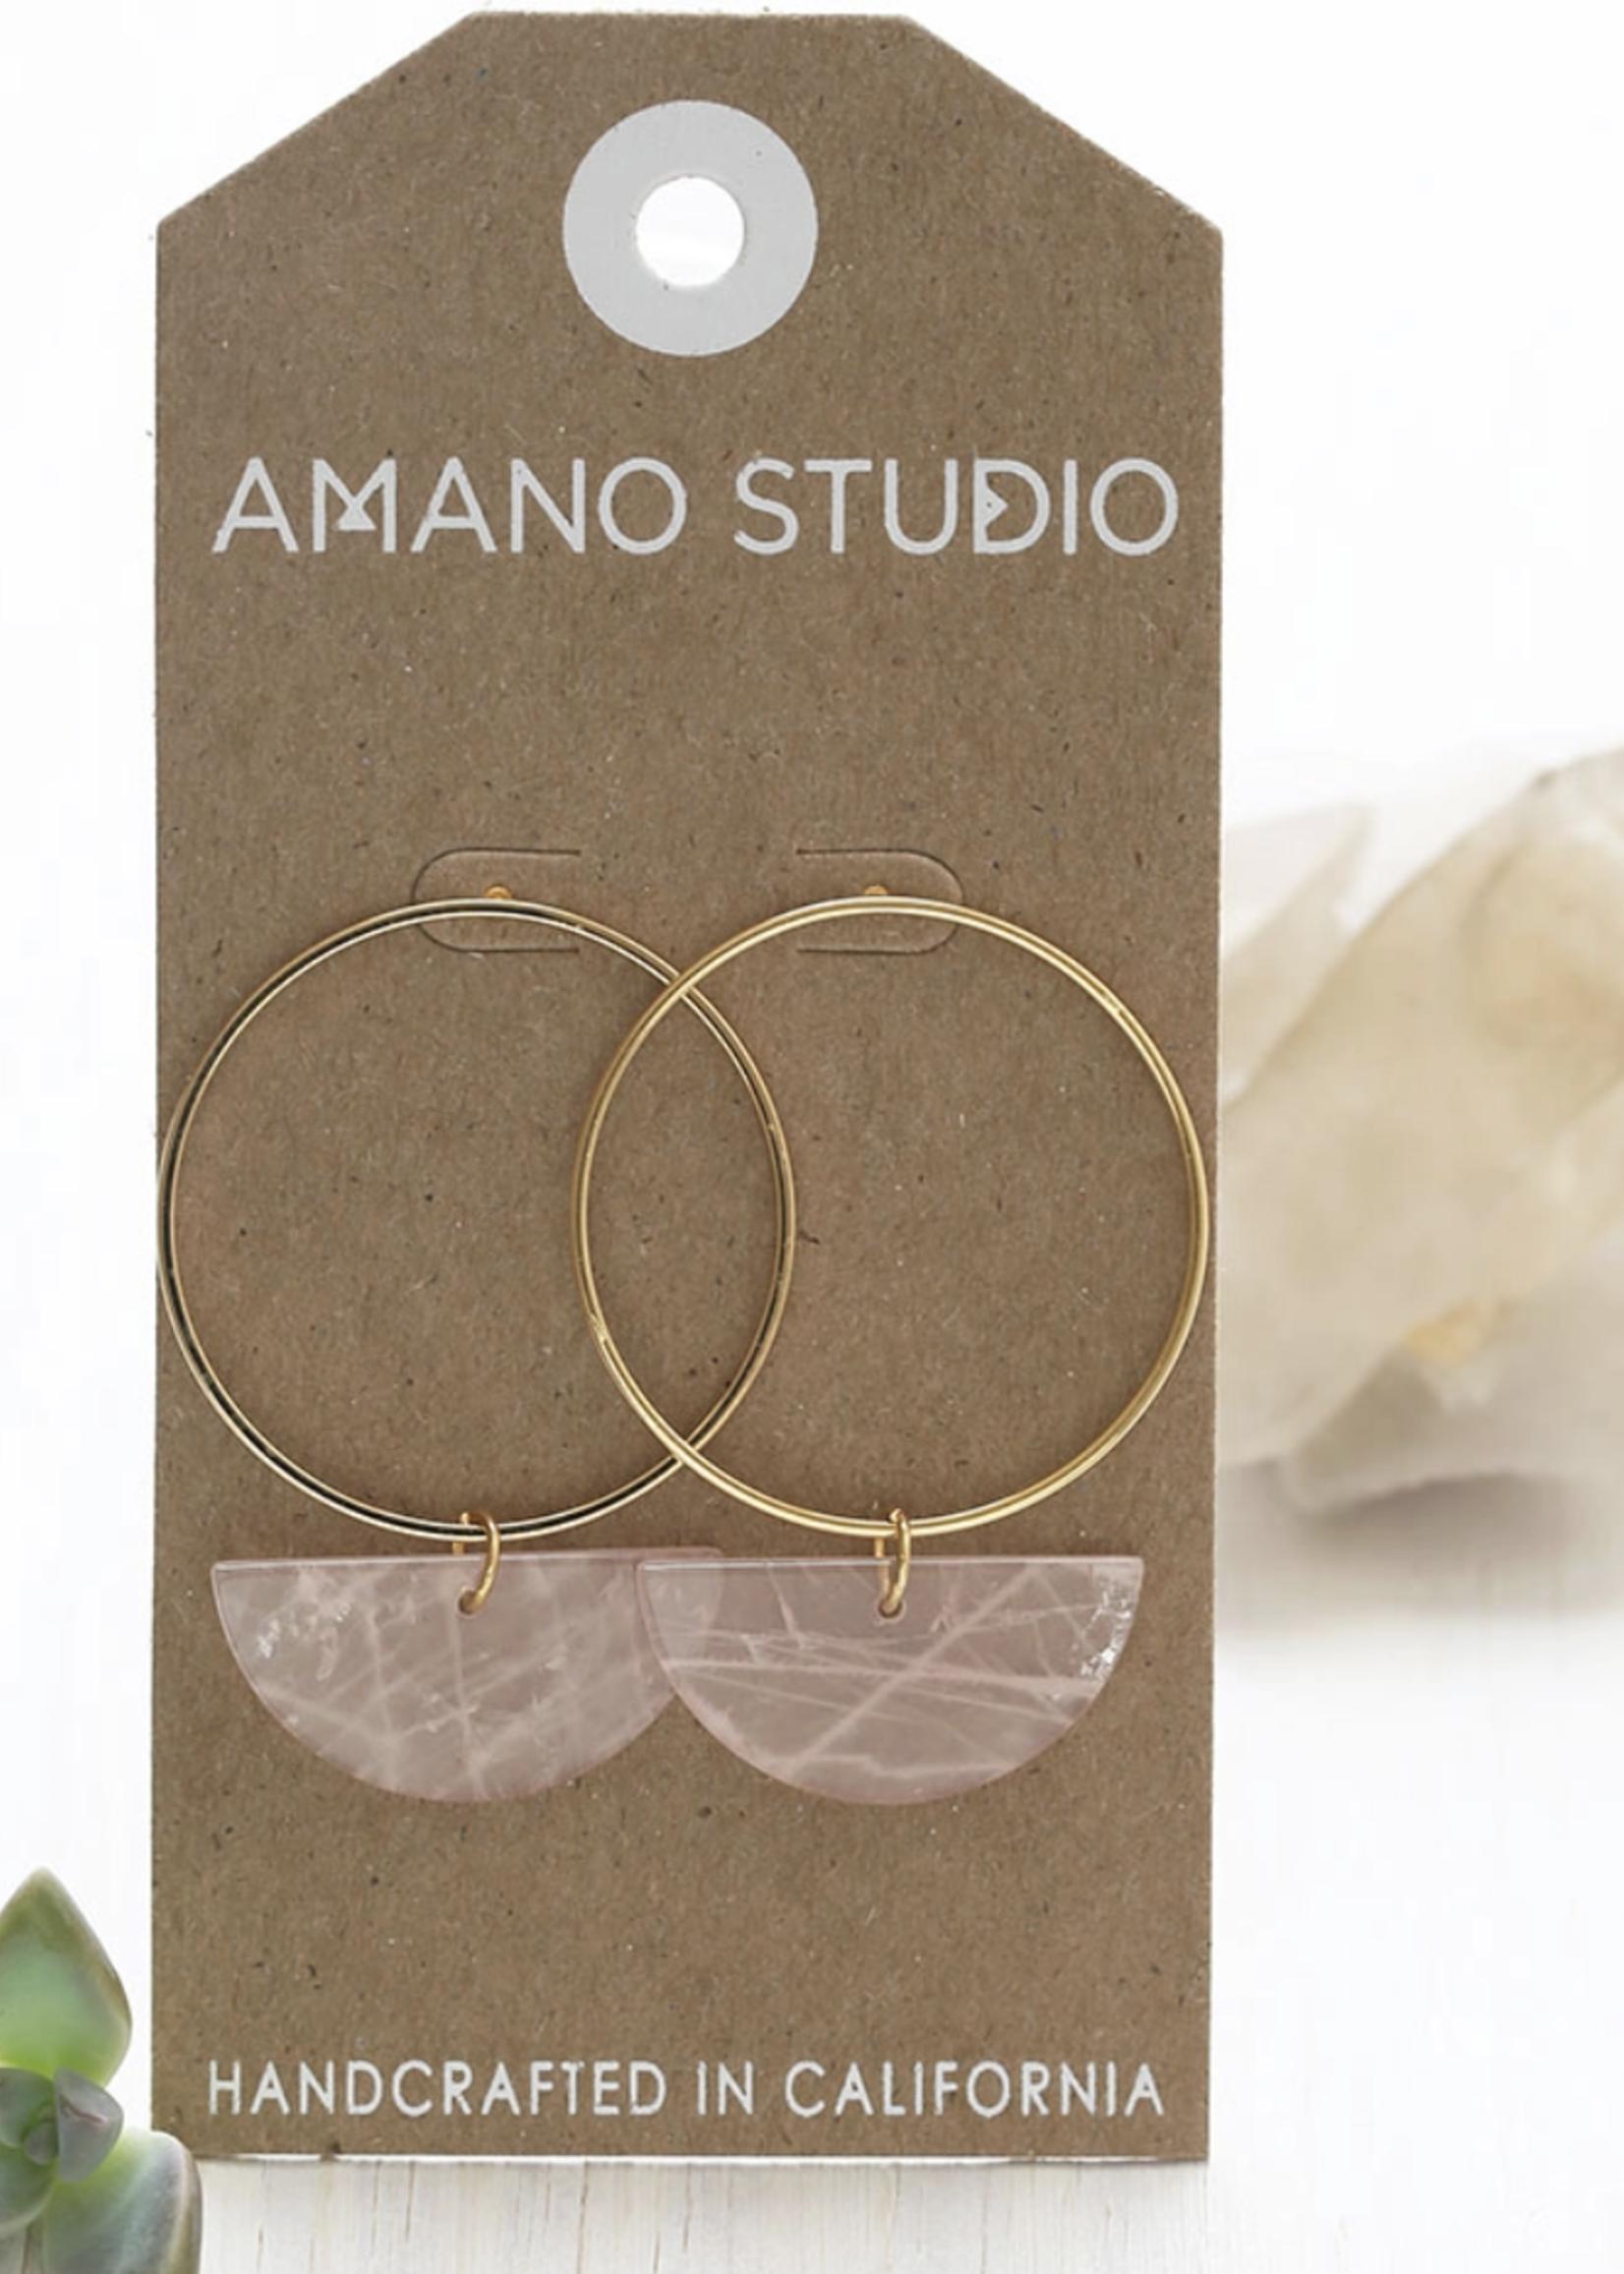 Amano Studio Sun and Moon Stud Earrings